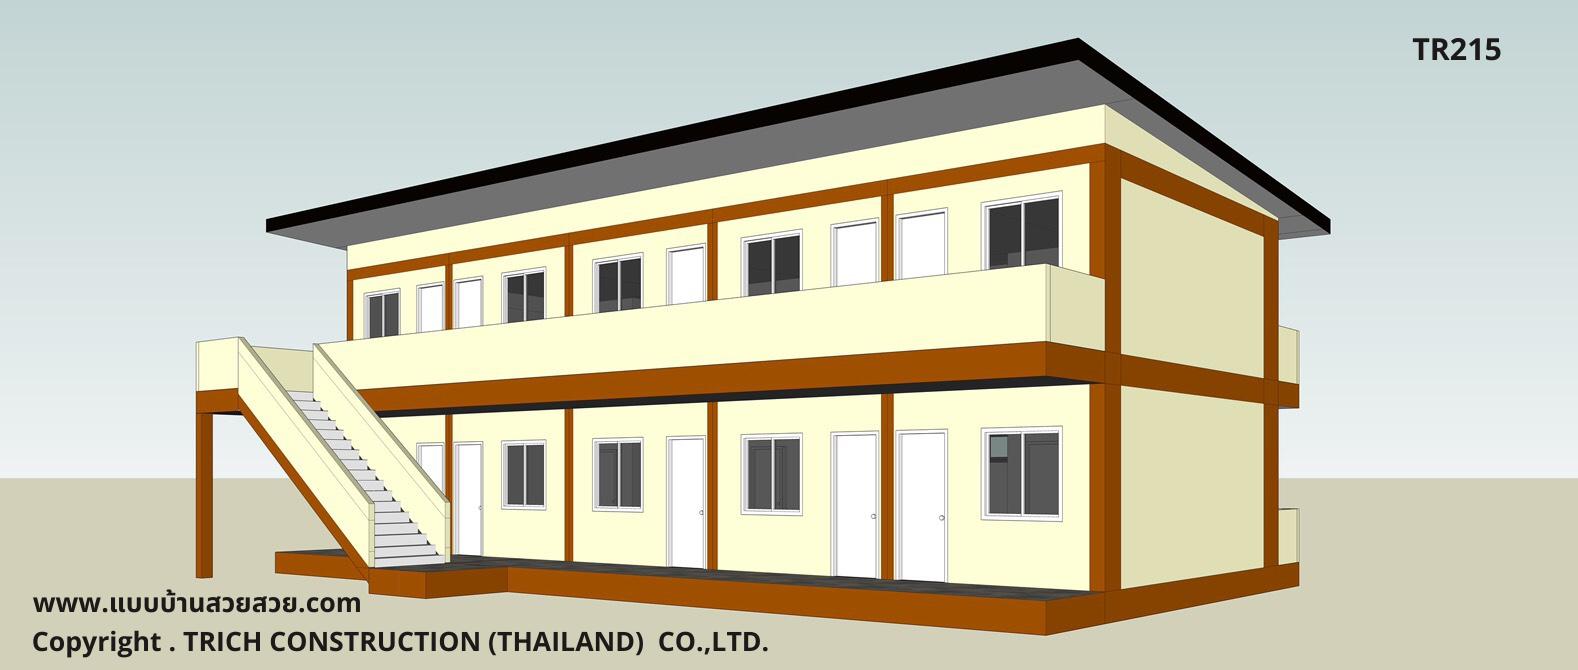 แบบบ้านสวย บ้าน2 ชั้น  TR215